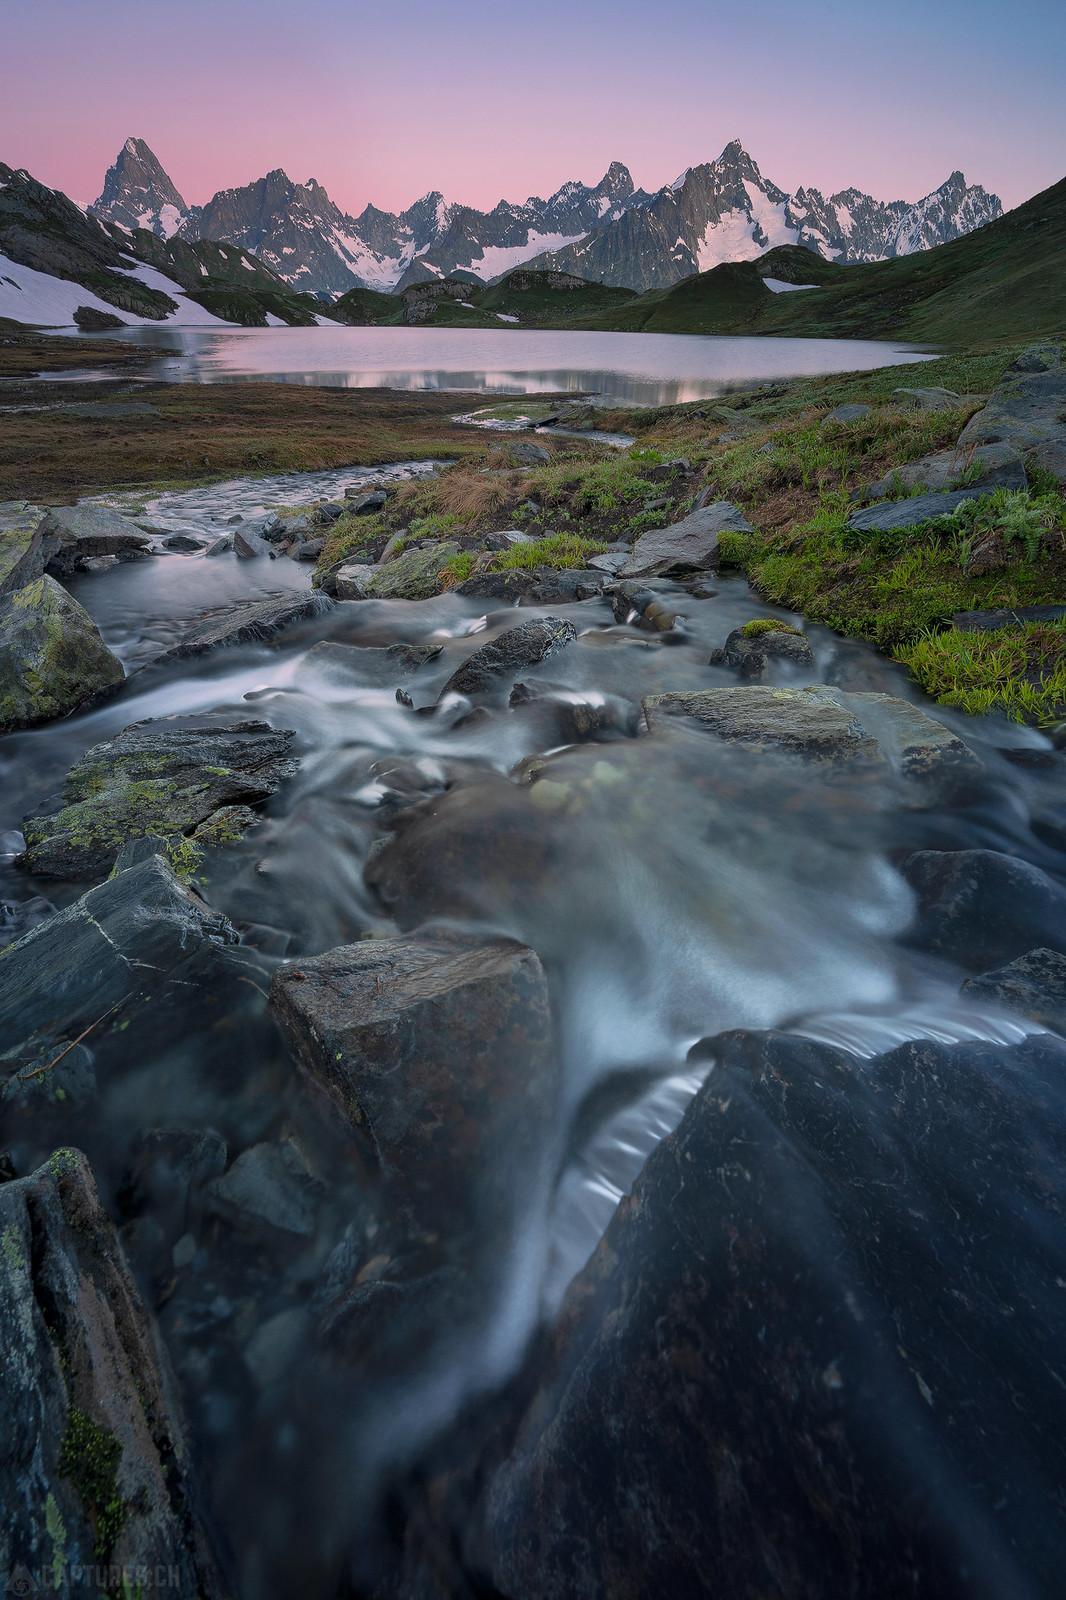 River flow - Lacs de Fenetre